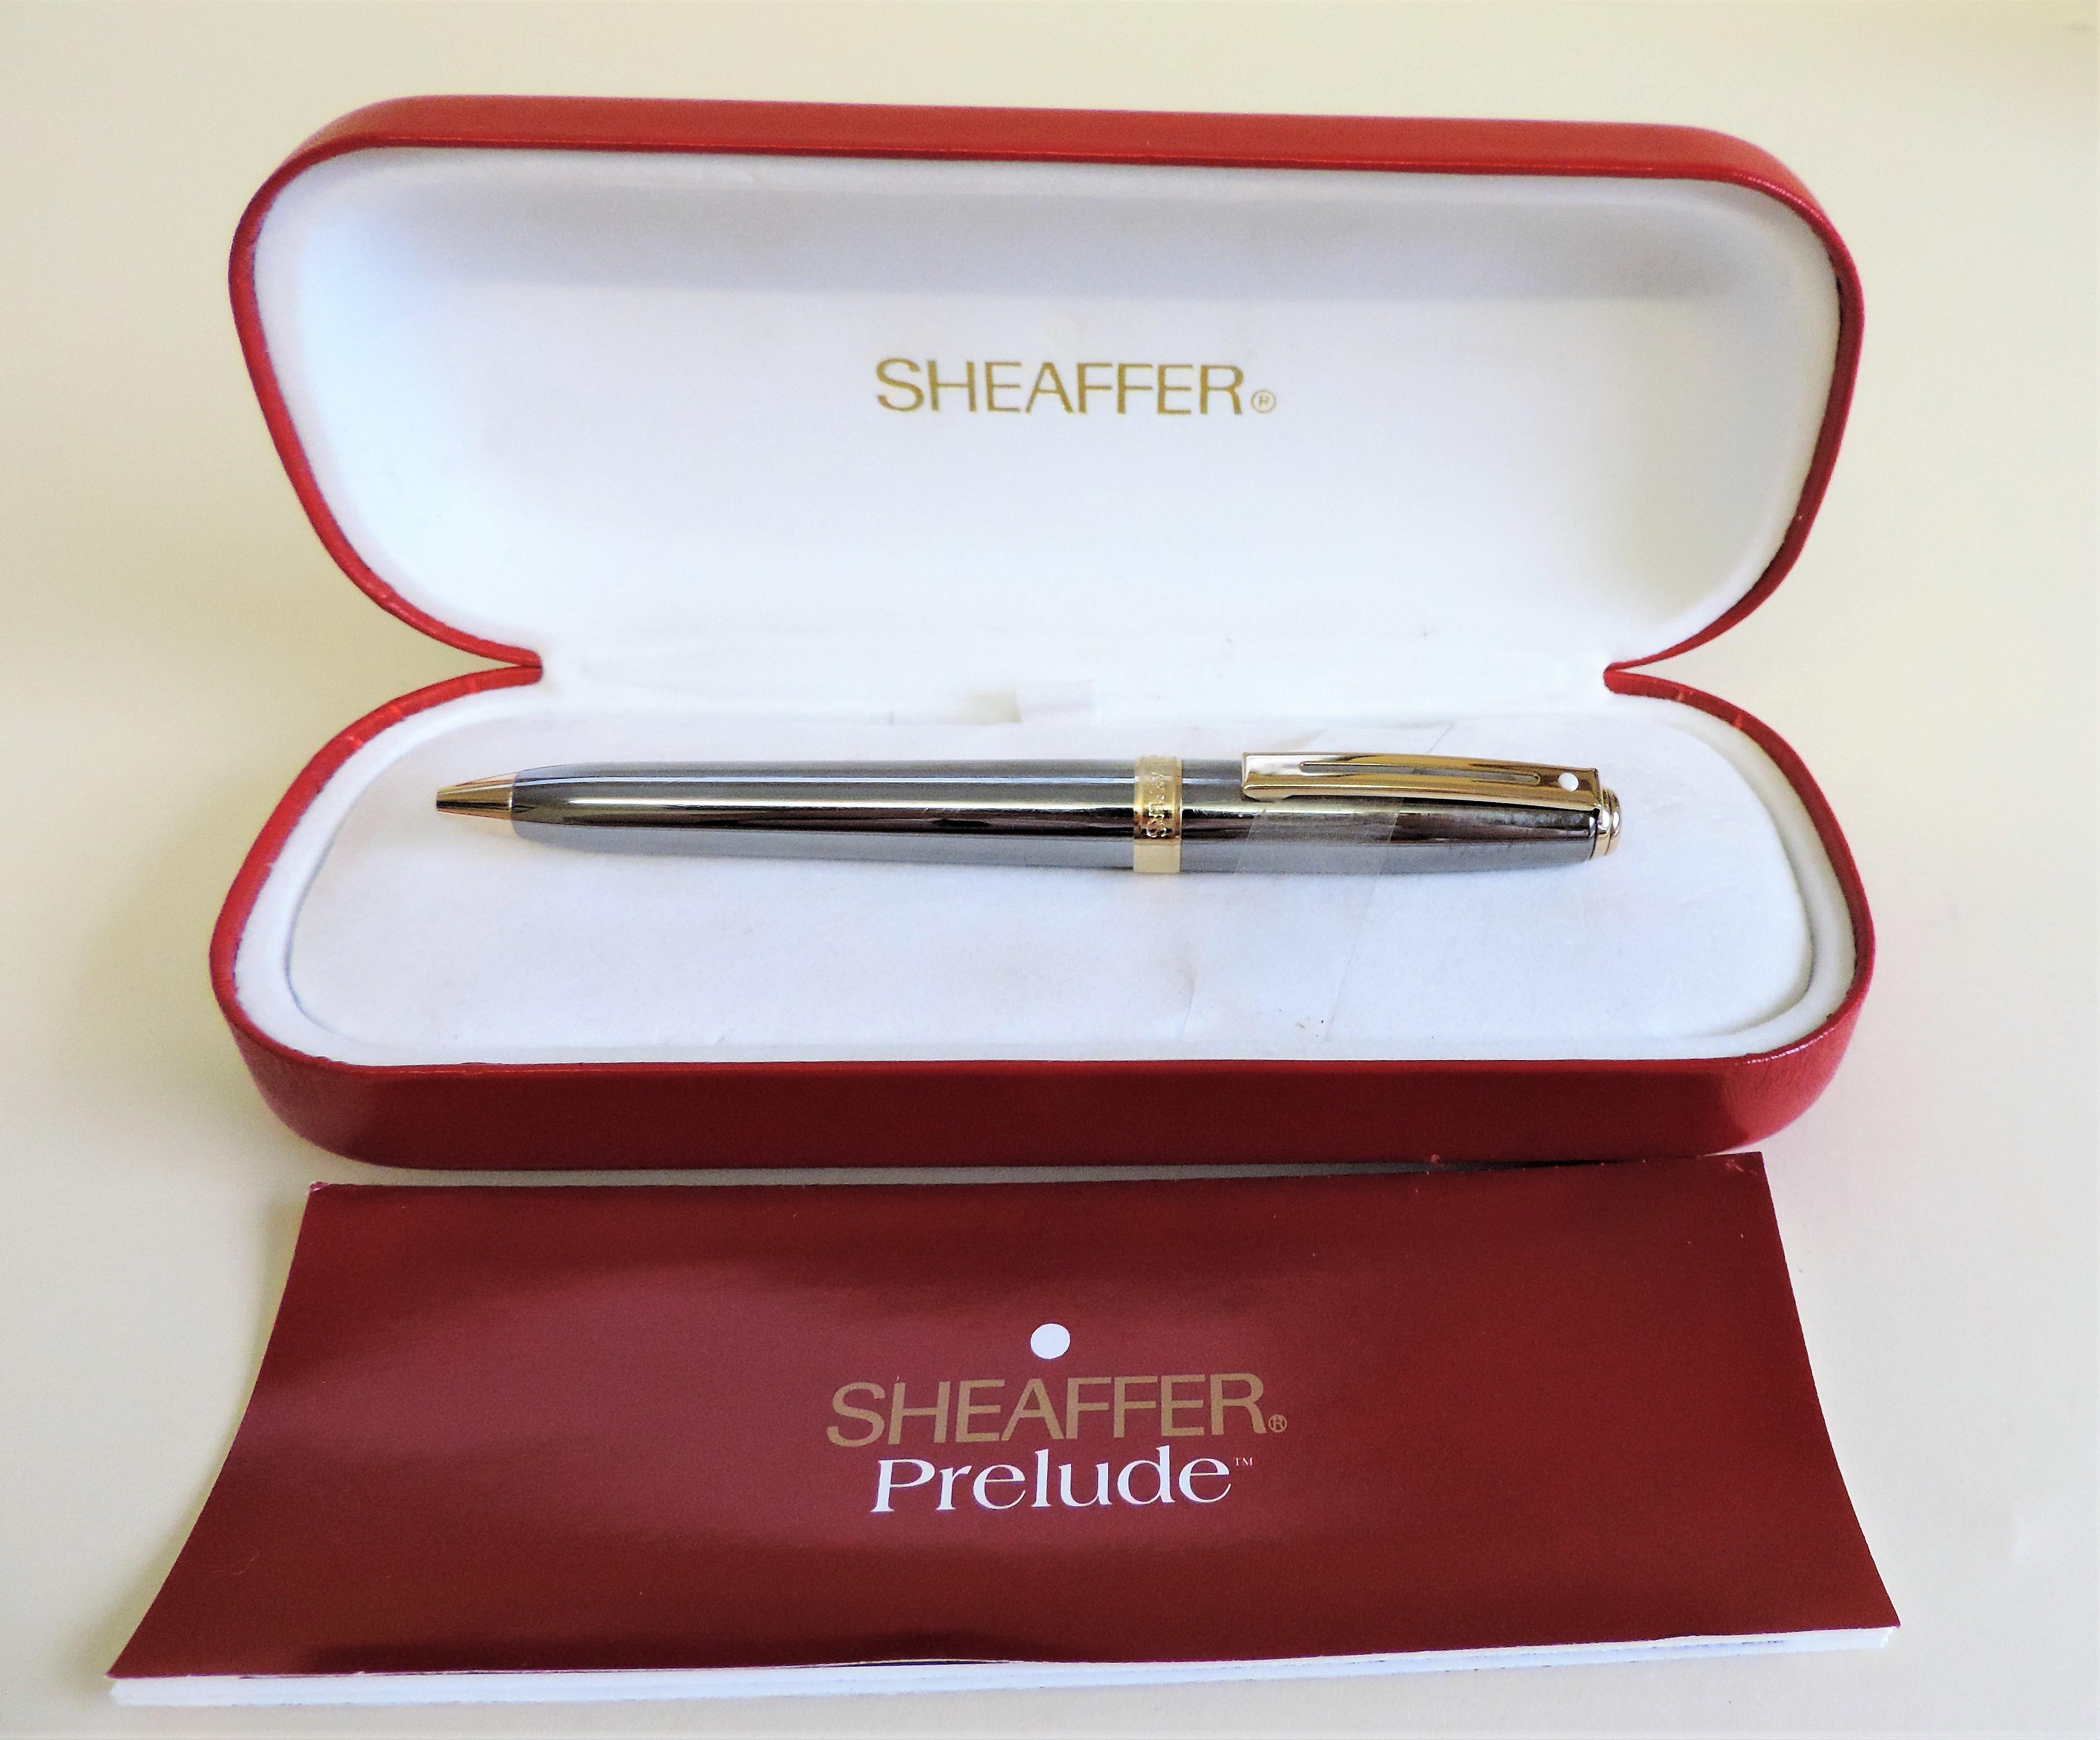 New Boxed Sheaffer Prelude Ballpoint Pen